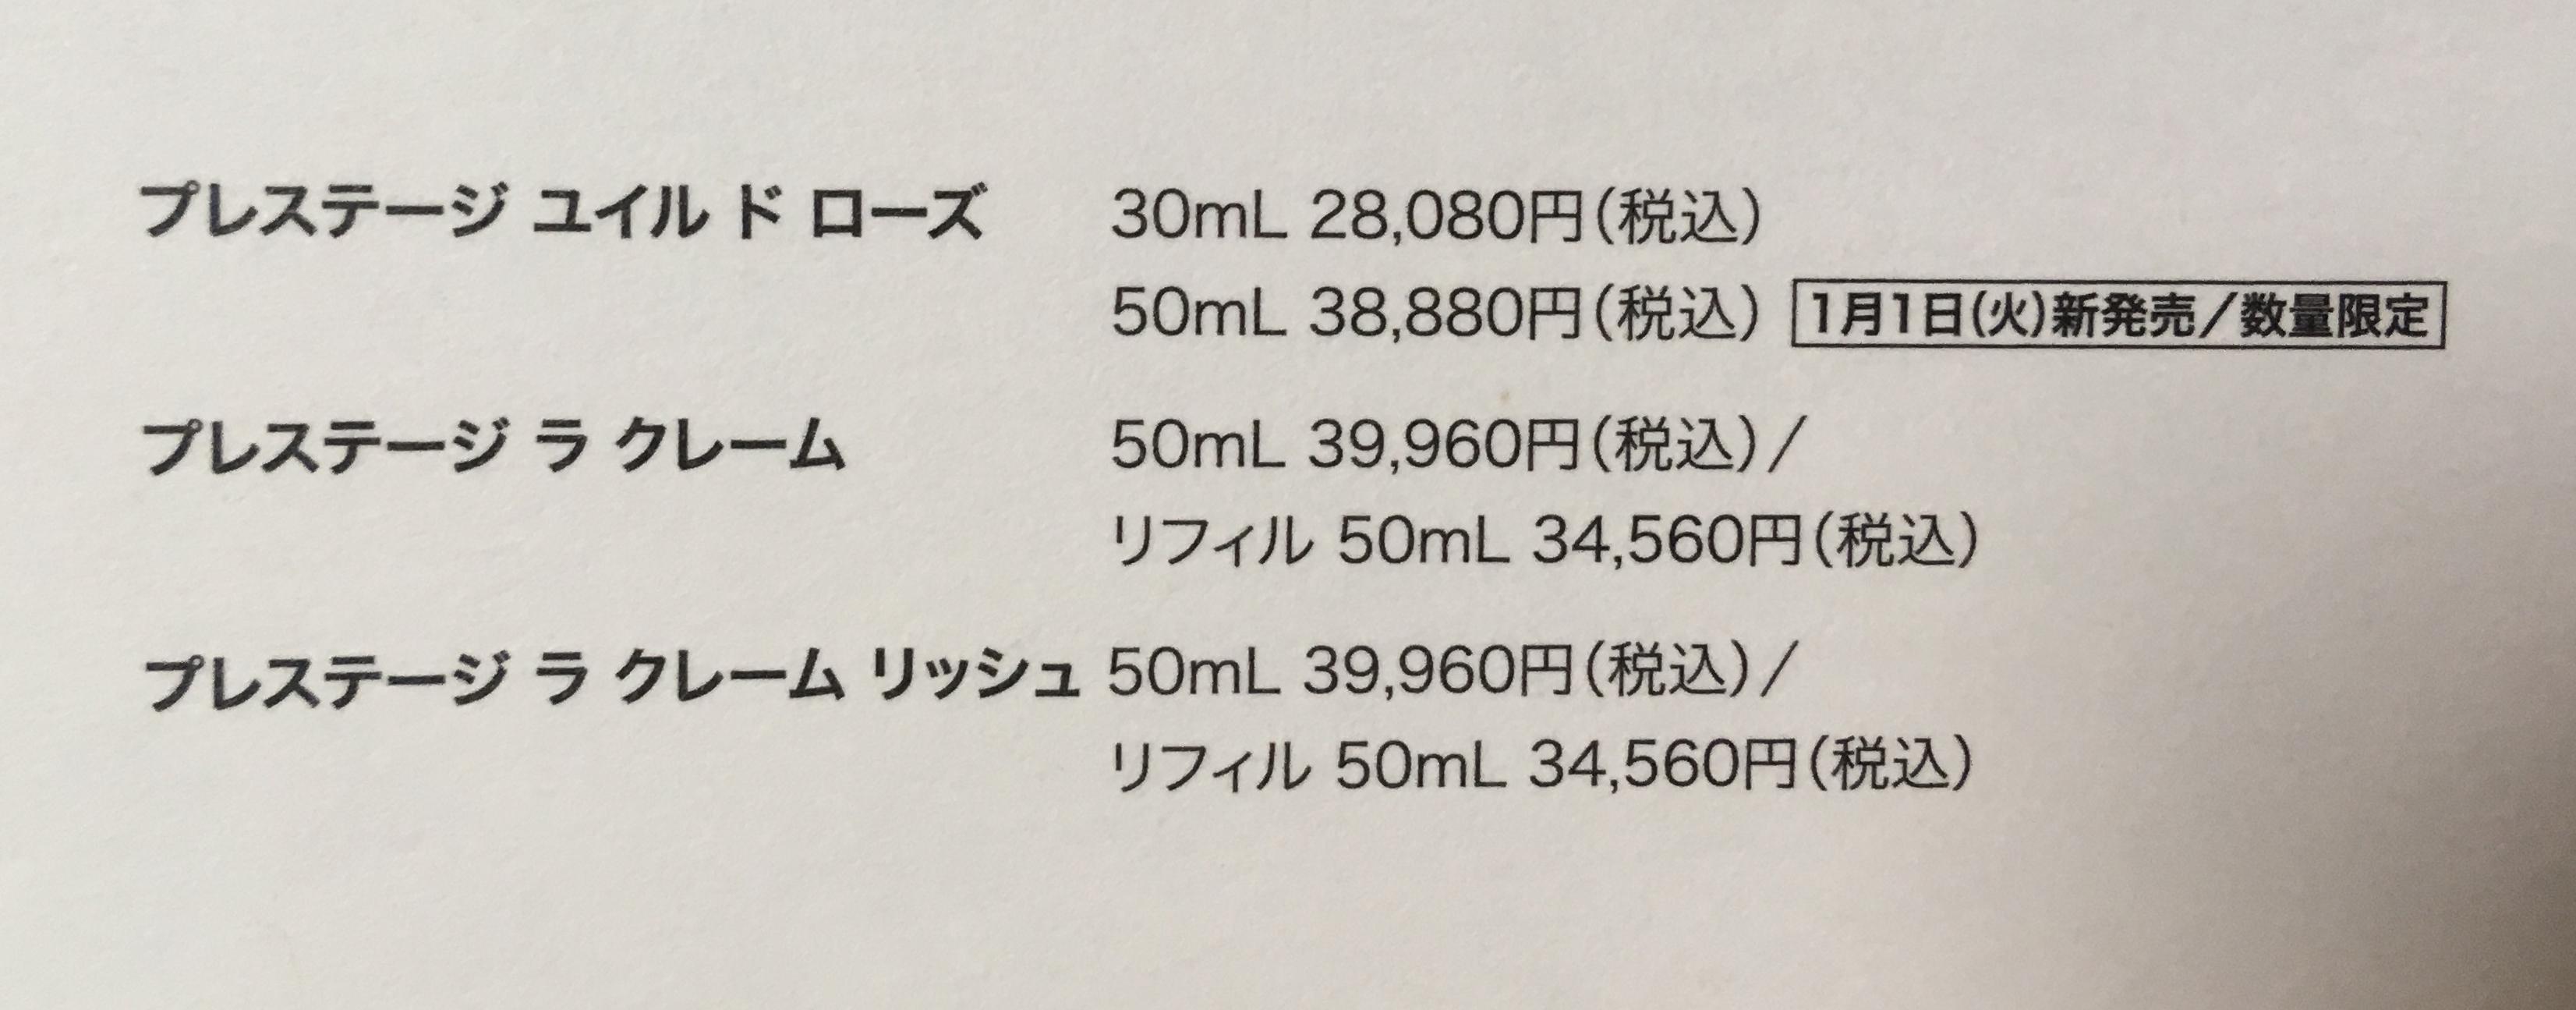 Dior ユイルドローズ 50ml 限定 ディオール